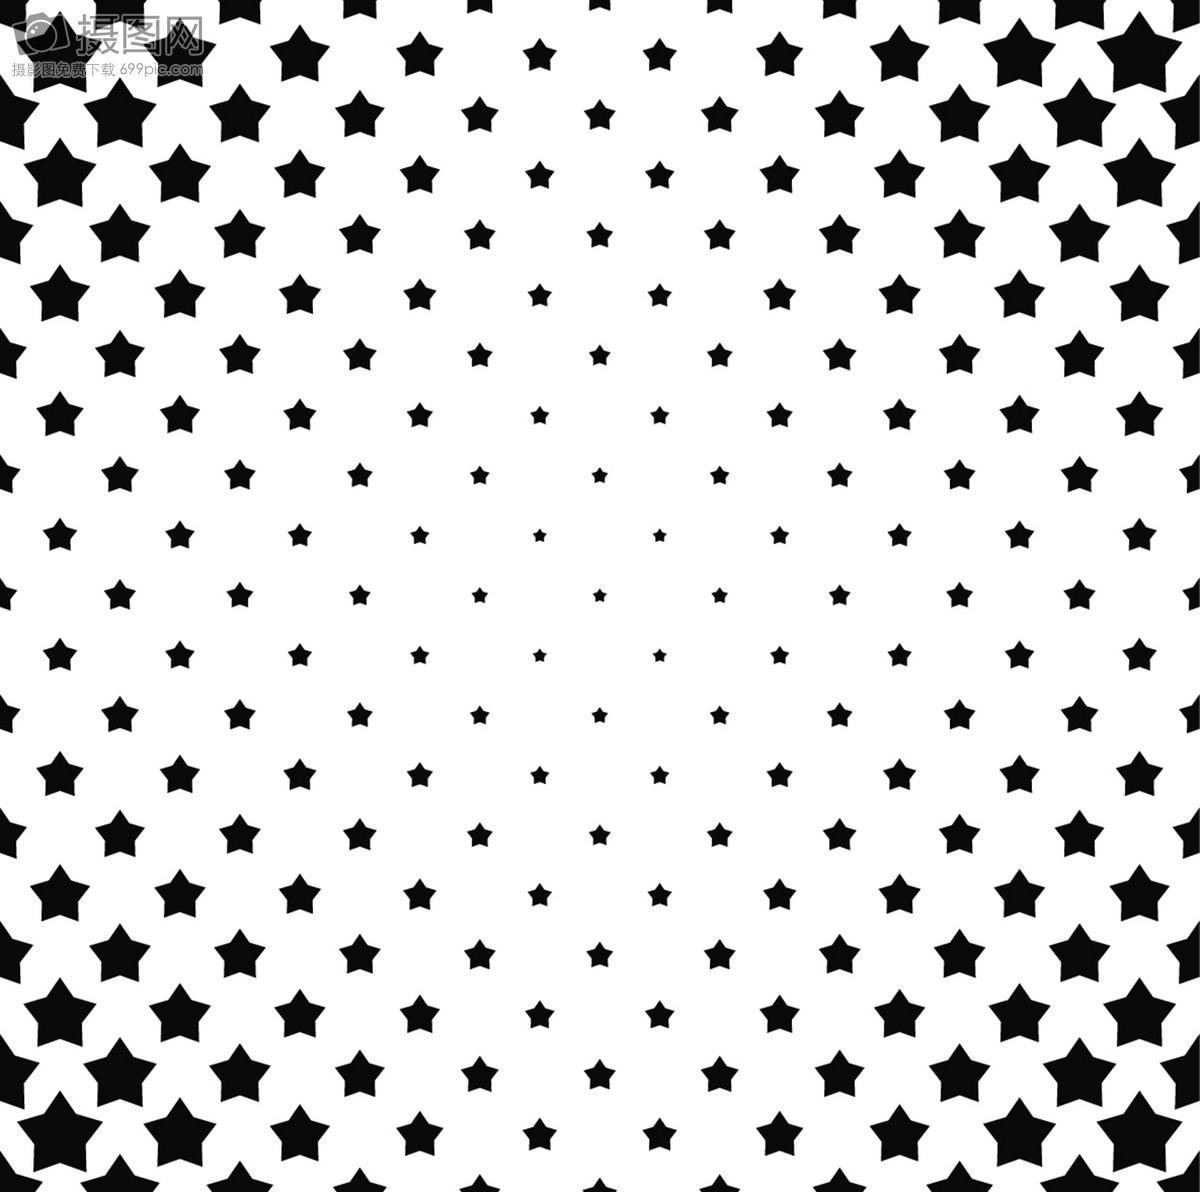 圆点 波点 黑白 矢量 纹理 背景 下载